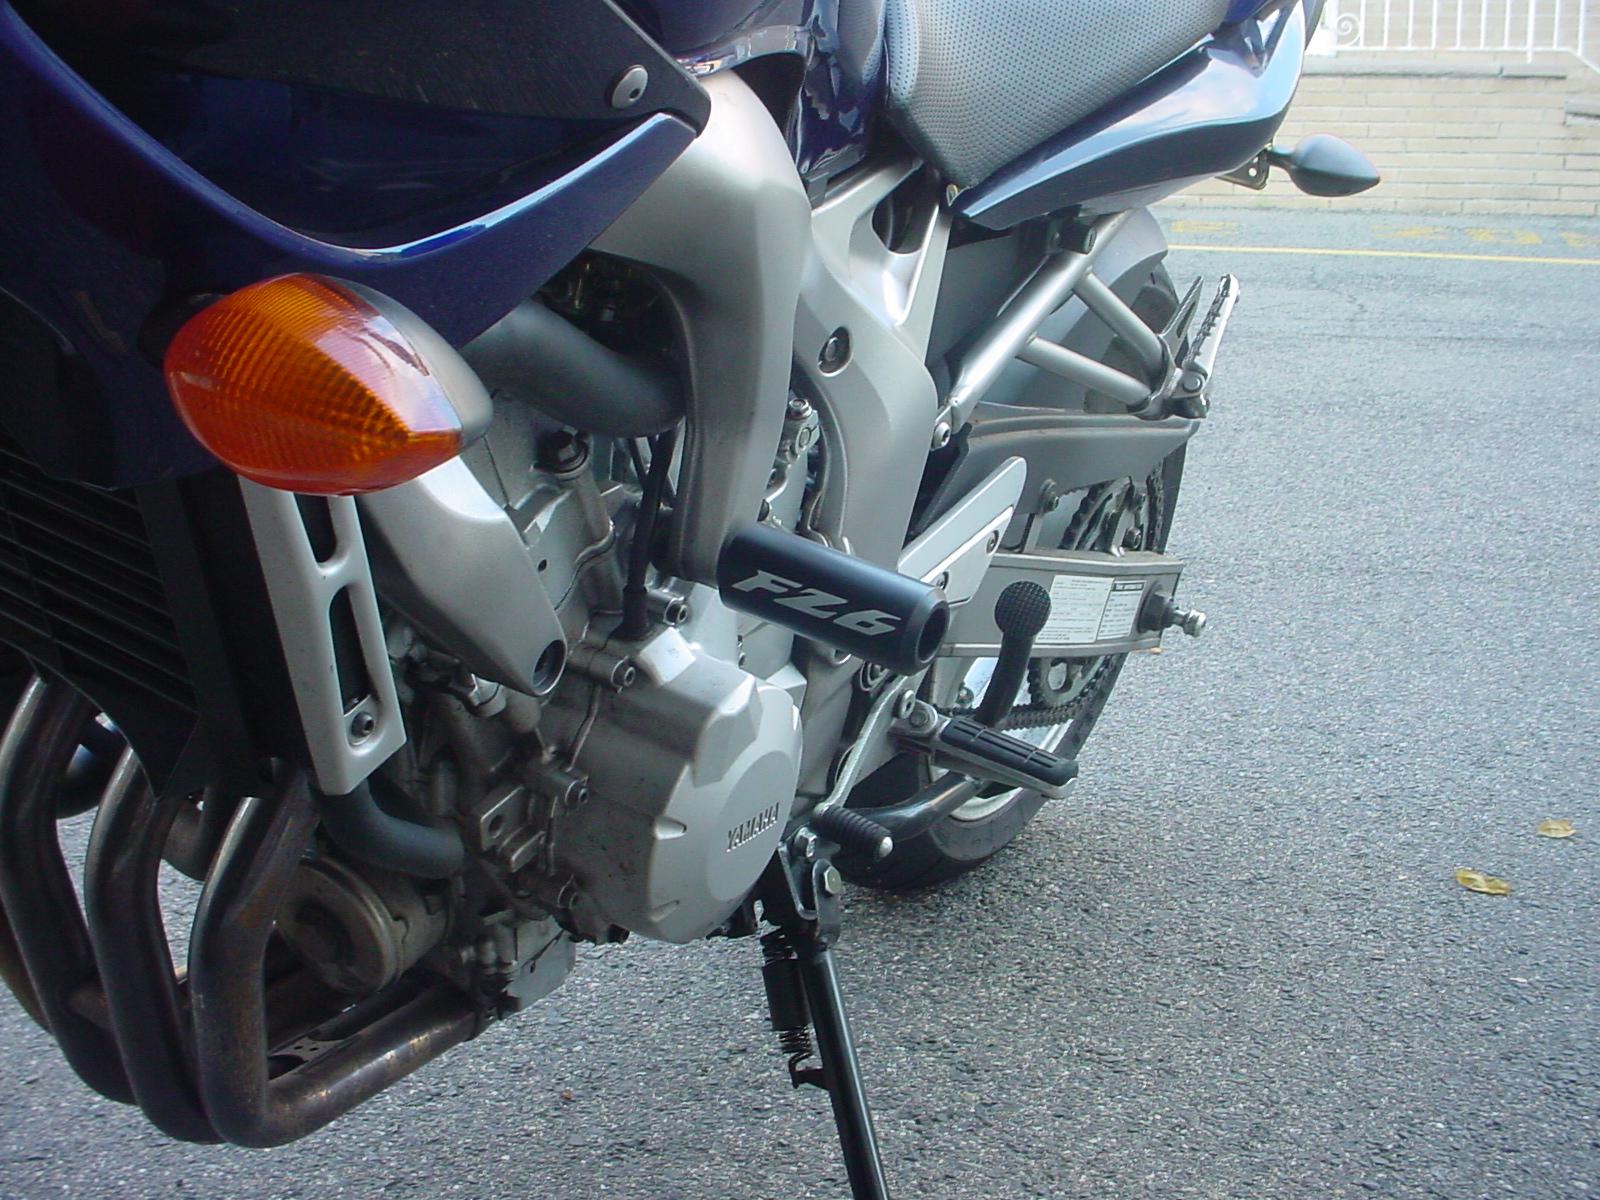 Extended frame sliders - Sportbikes.net